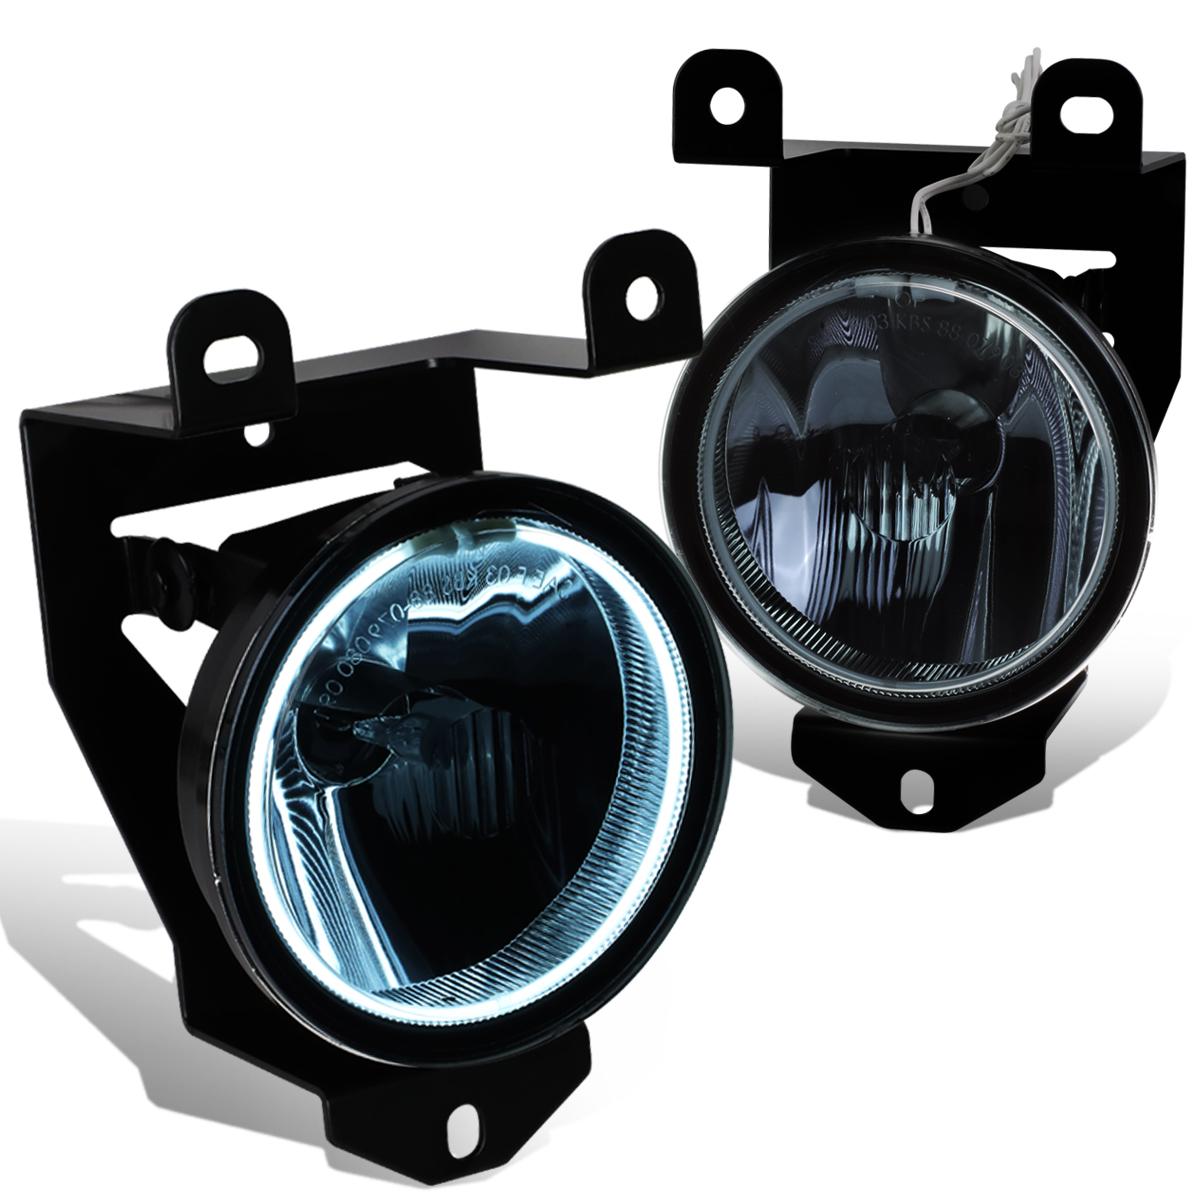 For 01-06 GMC Yukon XL/Sierra 1500 Denali Front Fog Light w/Halo Ring CCFL Power Inverter Smoked Lens 02 03 04 05 Left+Right